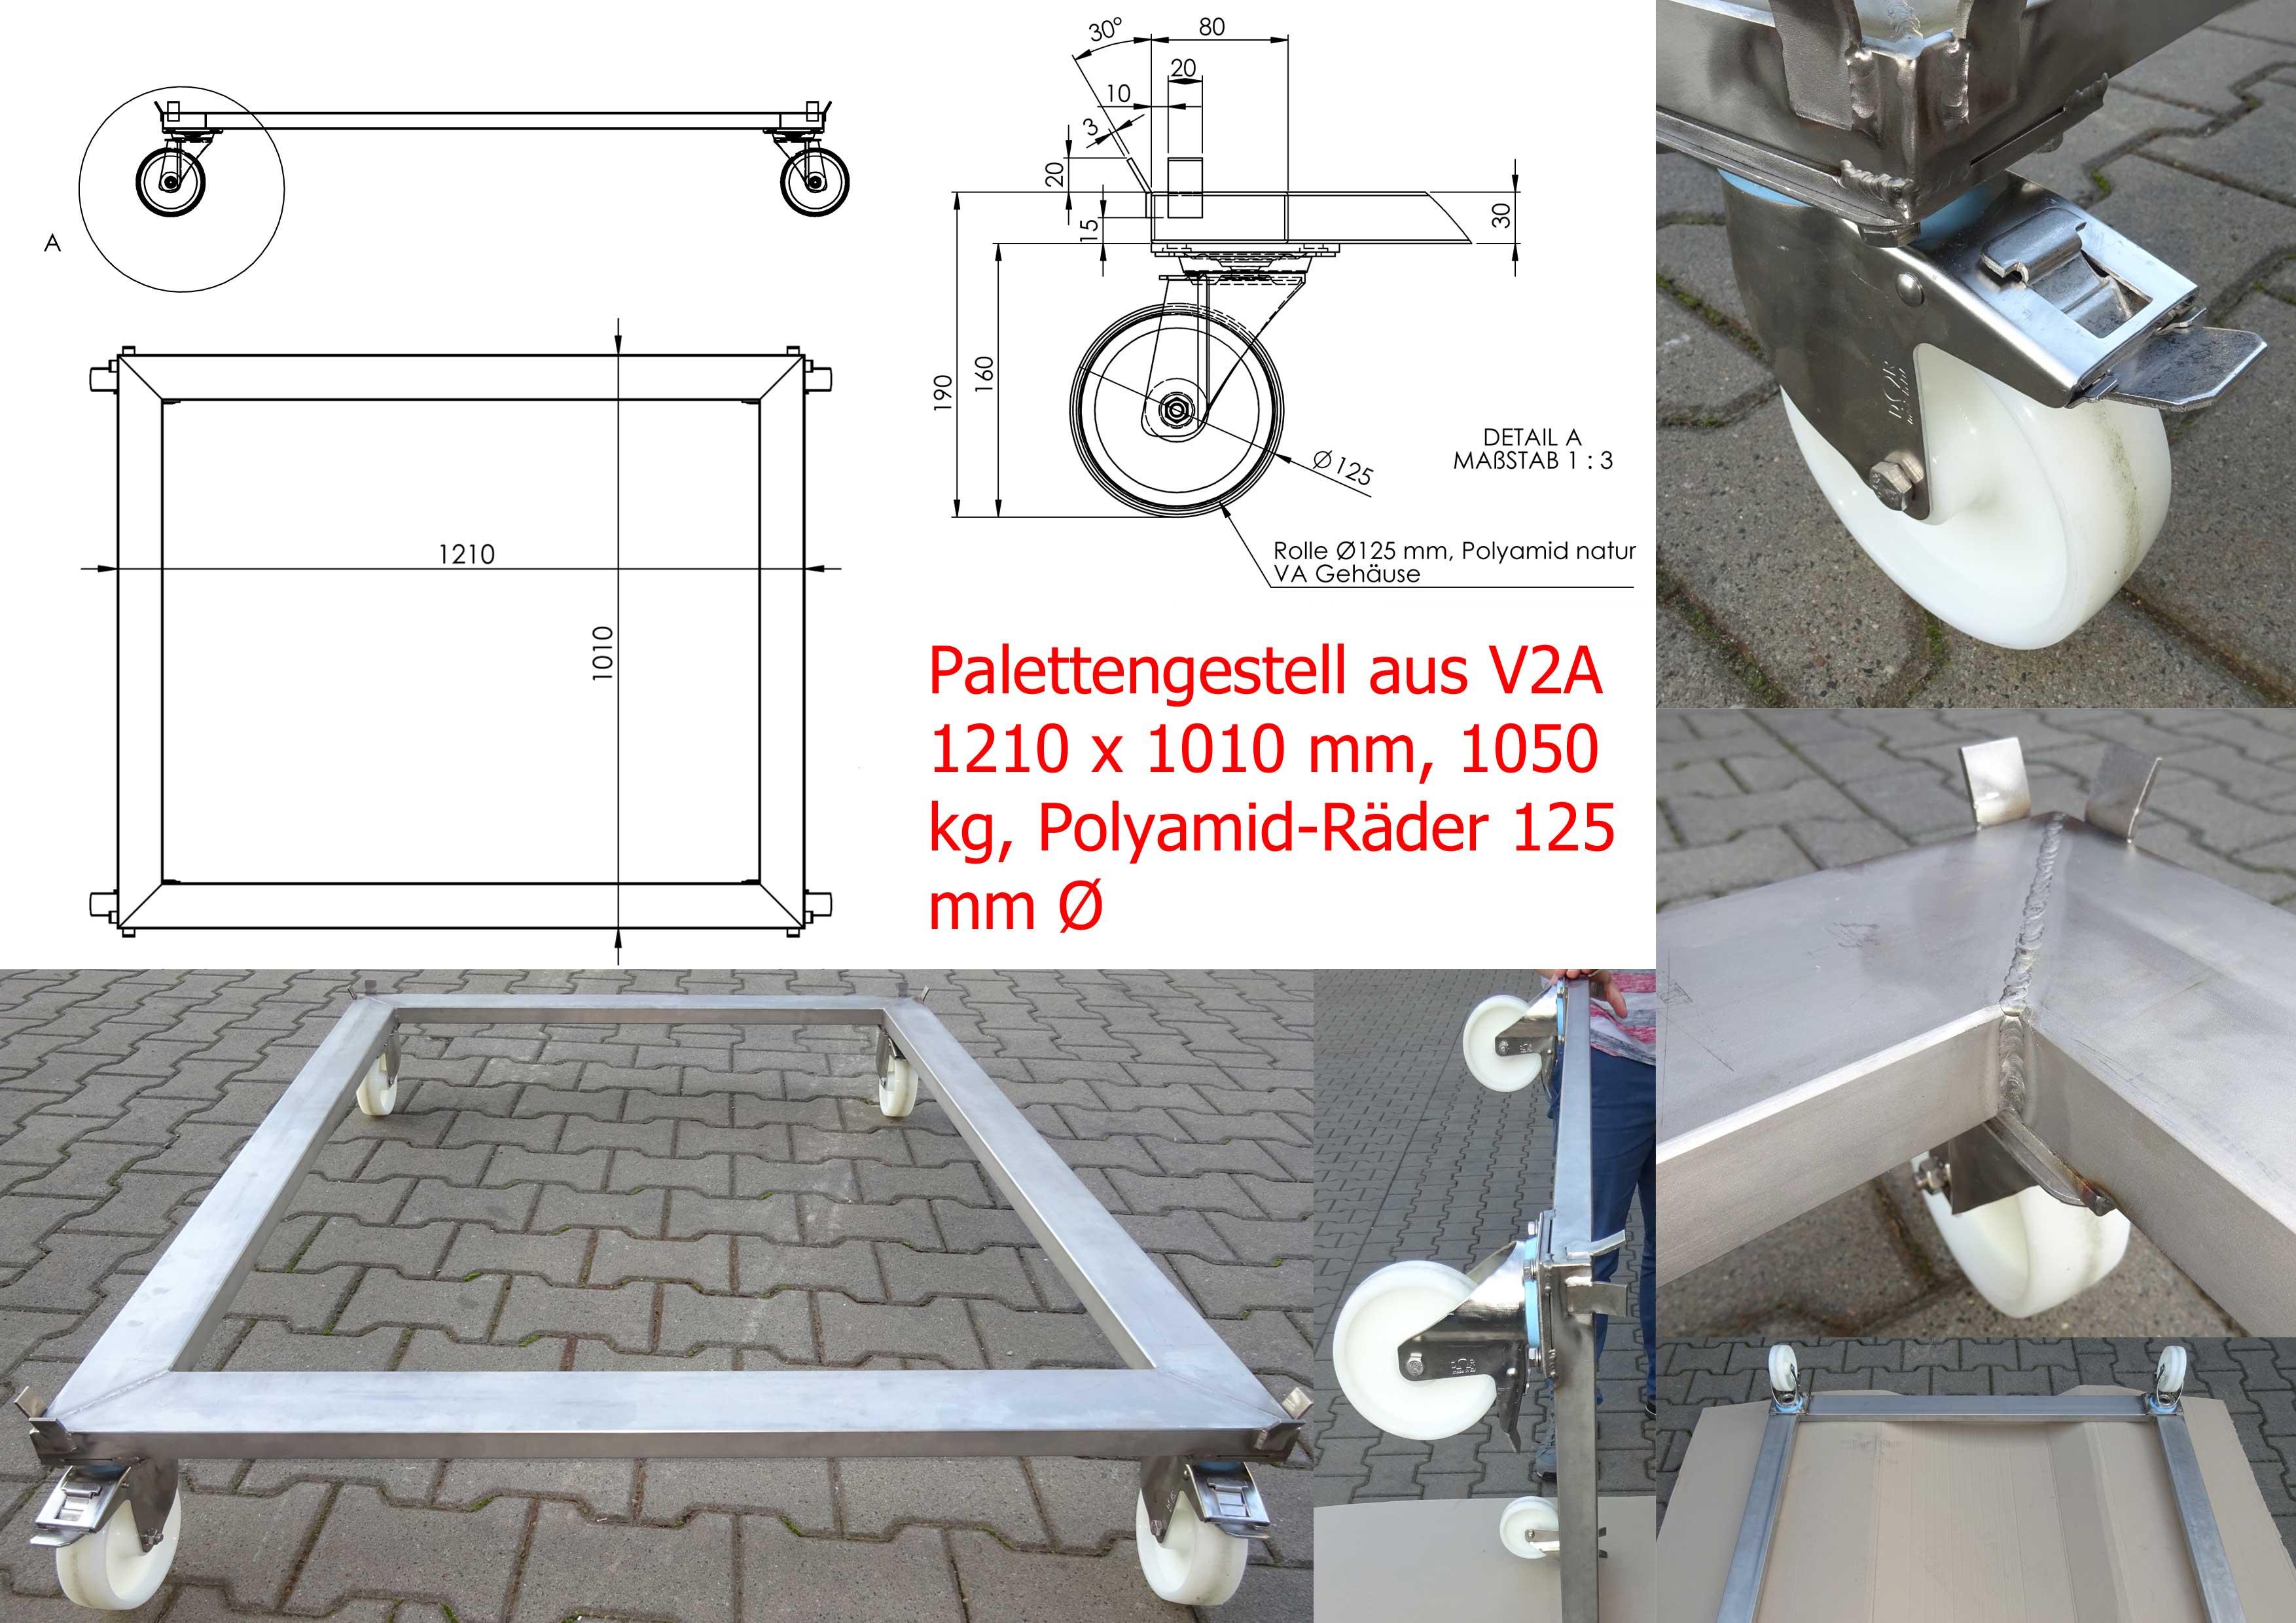 V2A Fahrgestelle im Industrieformat 1210 x 1050 mm mit 125er Polyamidrädern, Traglast 1050 kg